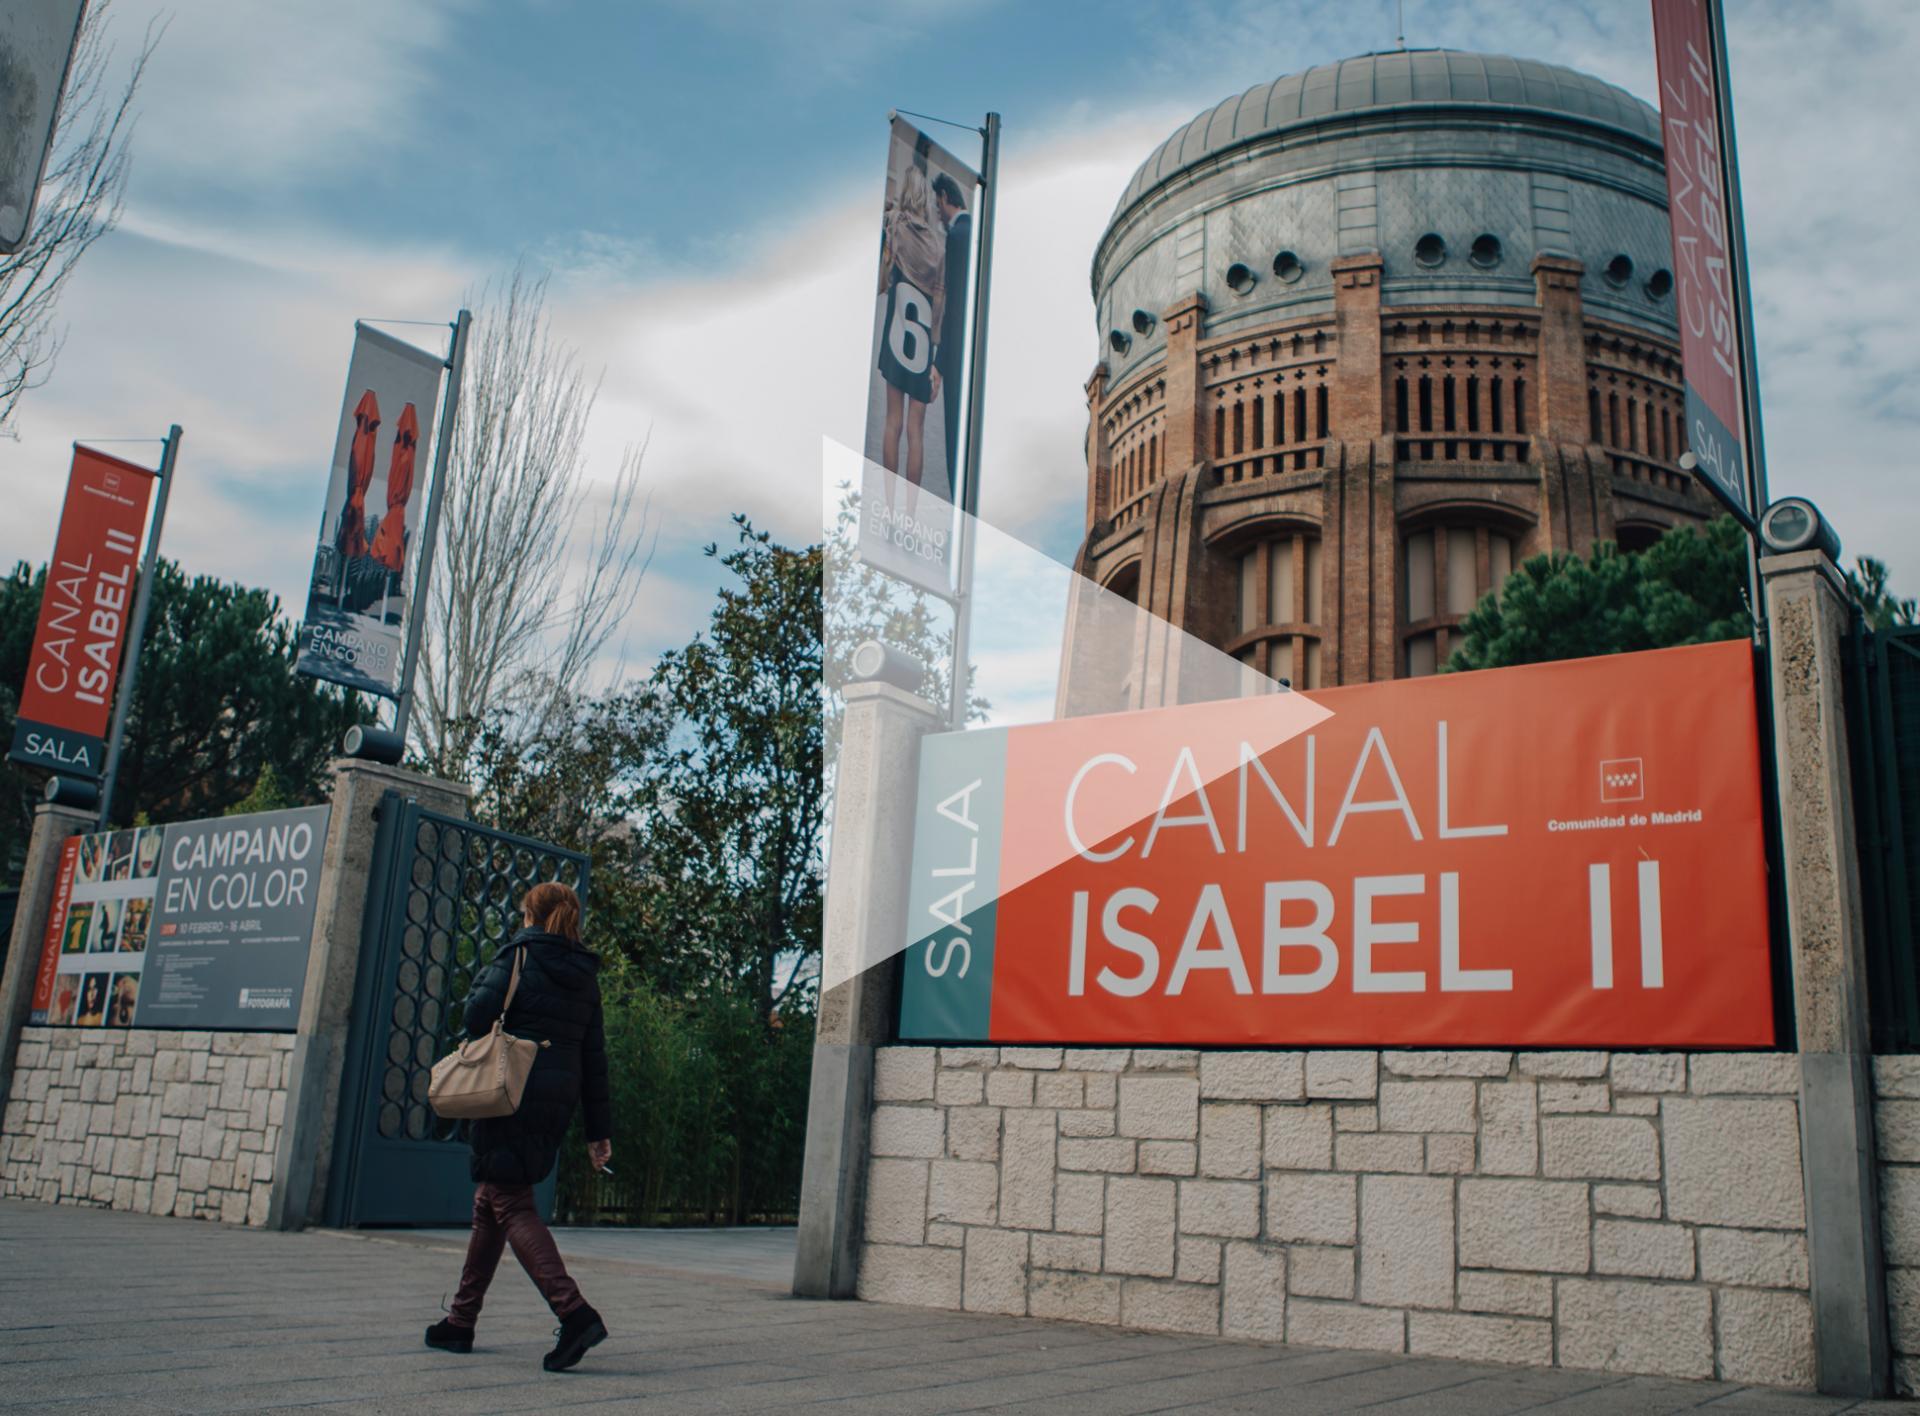 Calle Santa Engracia con vistas a la puerta de acceso, banderola publicitaria y cúpula de la Sala Canal